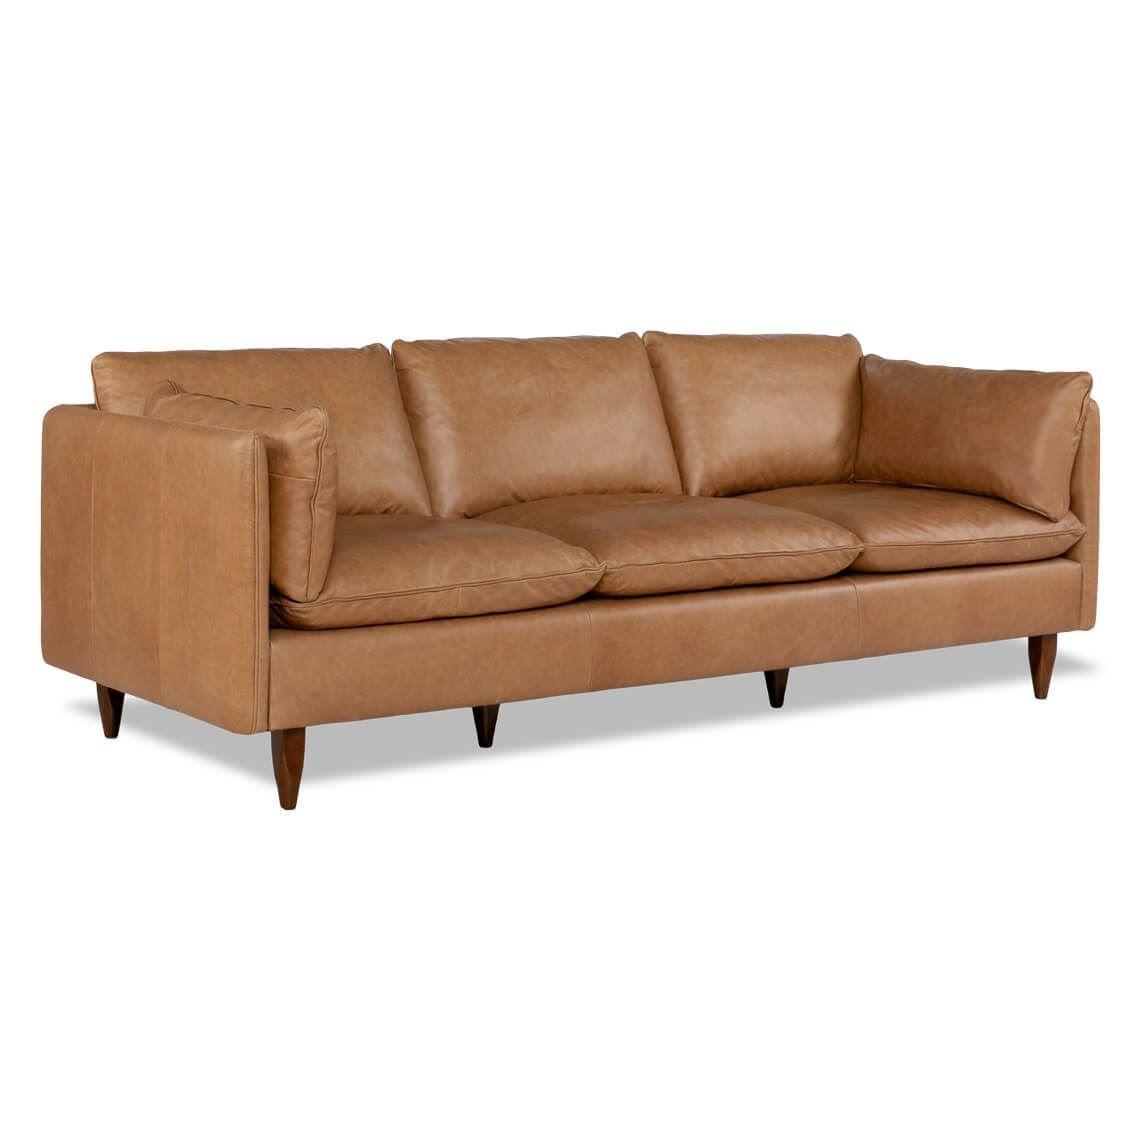 Freedom Eton 3 Seat Sofa Size W 227cm X D 94cm X H 83cm In Tan Sofa Seating Sofa Design